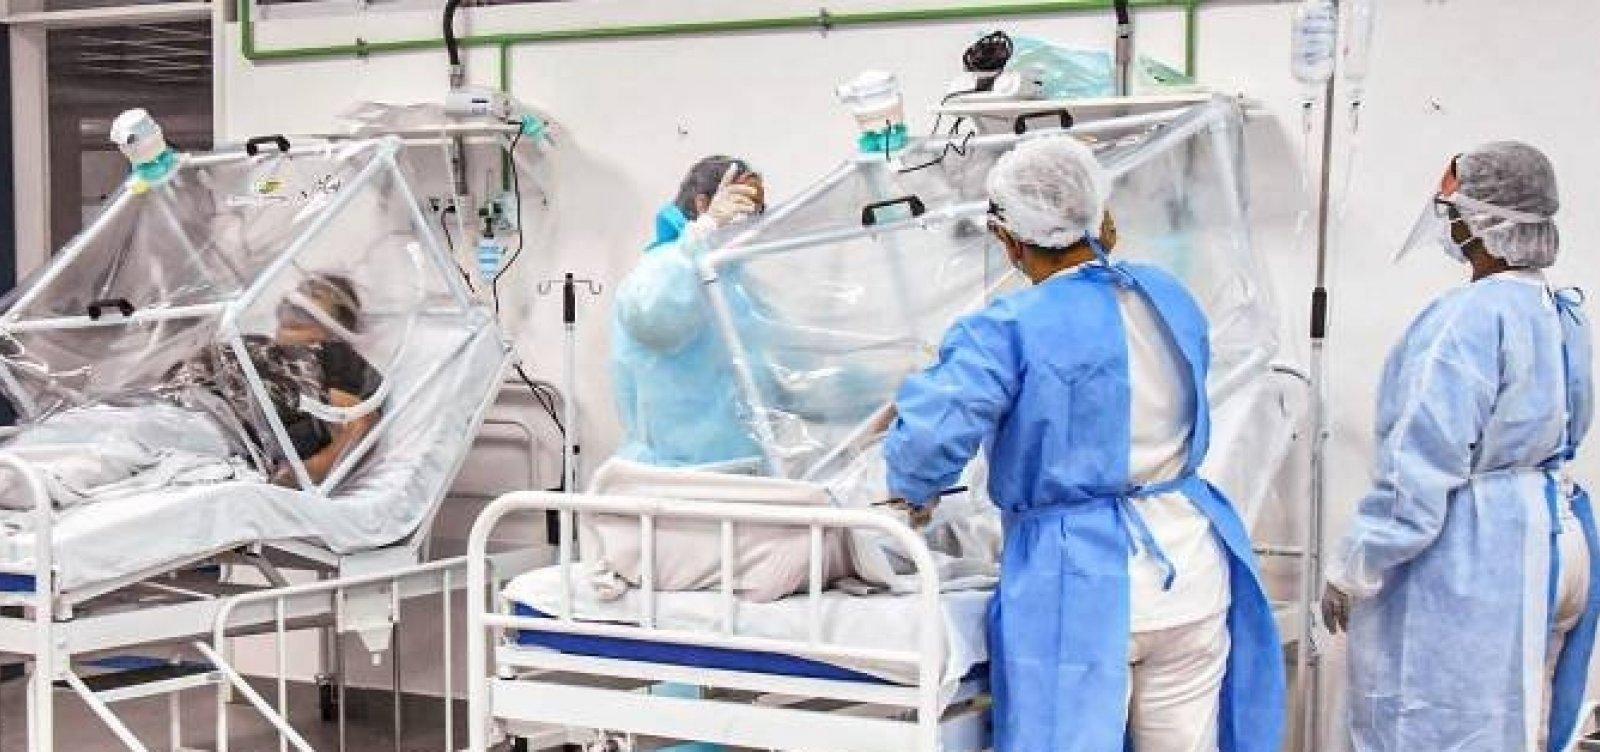 Com falta de oxigênio em Manaus, médicos dizem ter que escolher quem receberá assistência